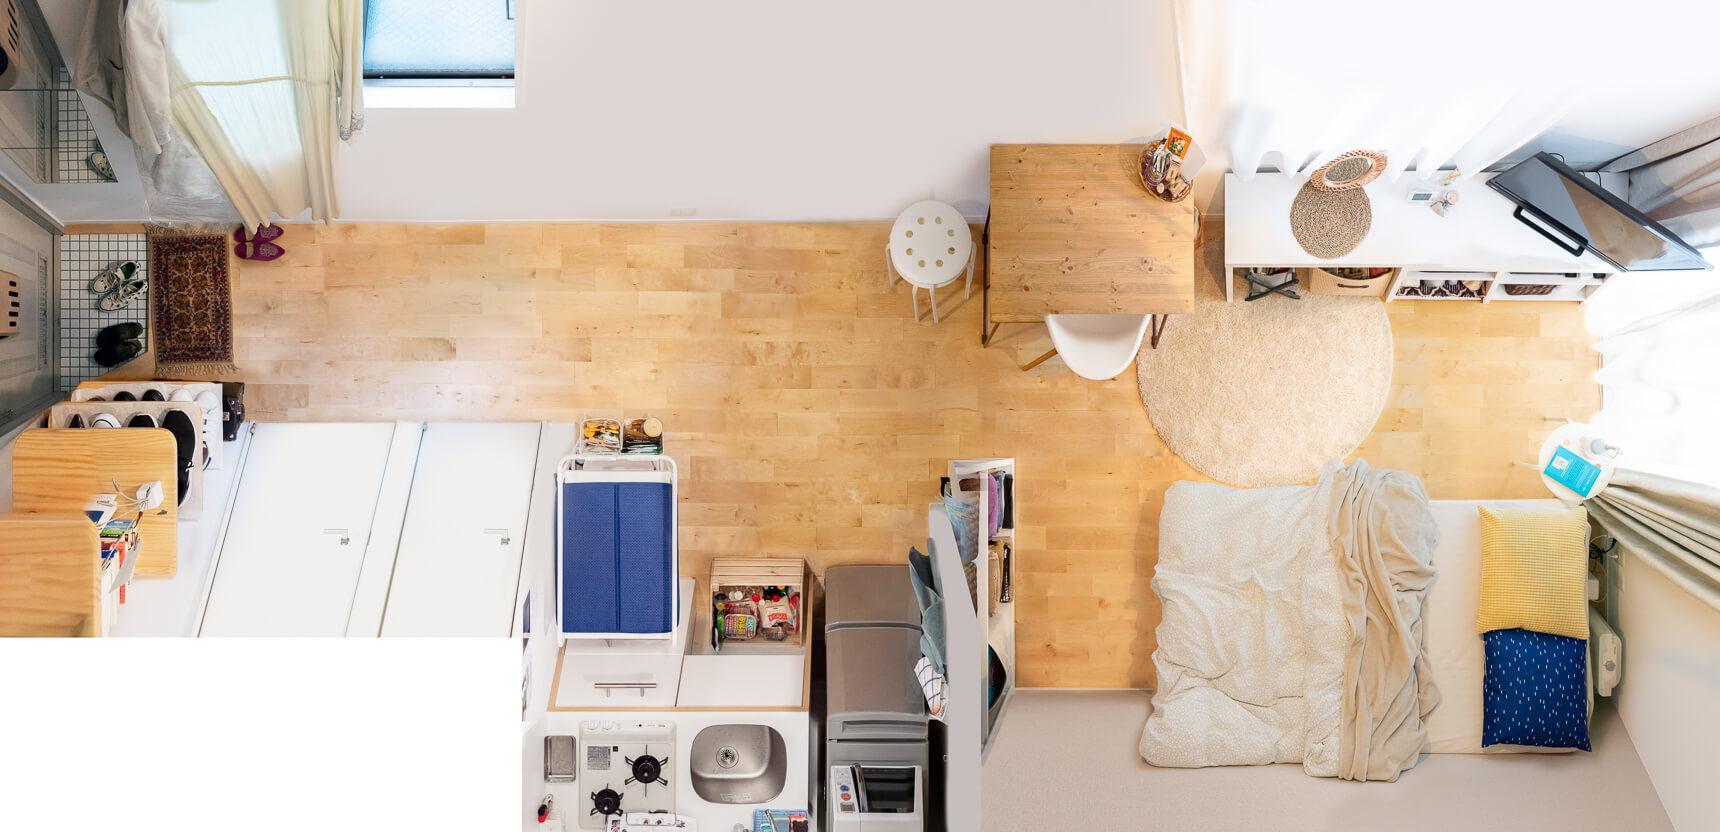 一人用のテーブルを、キッチンとリビングの間に配置した事例